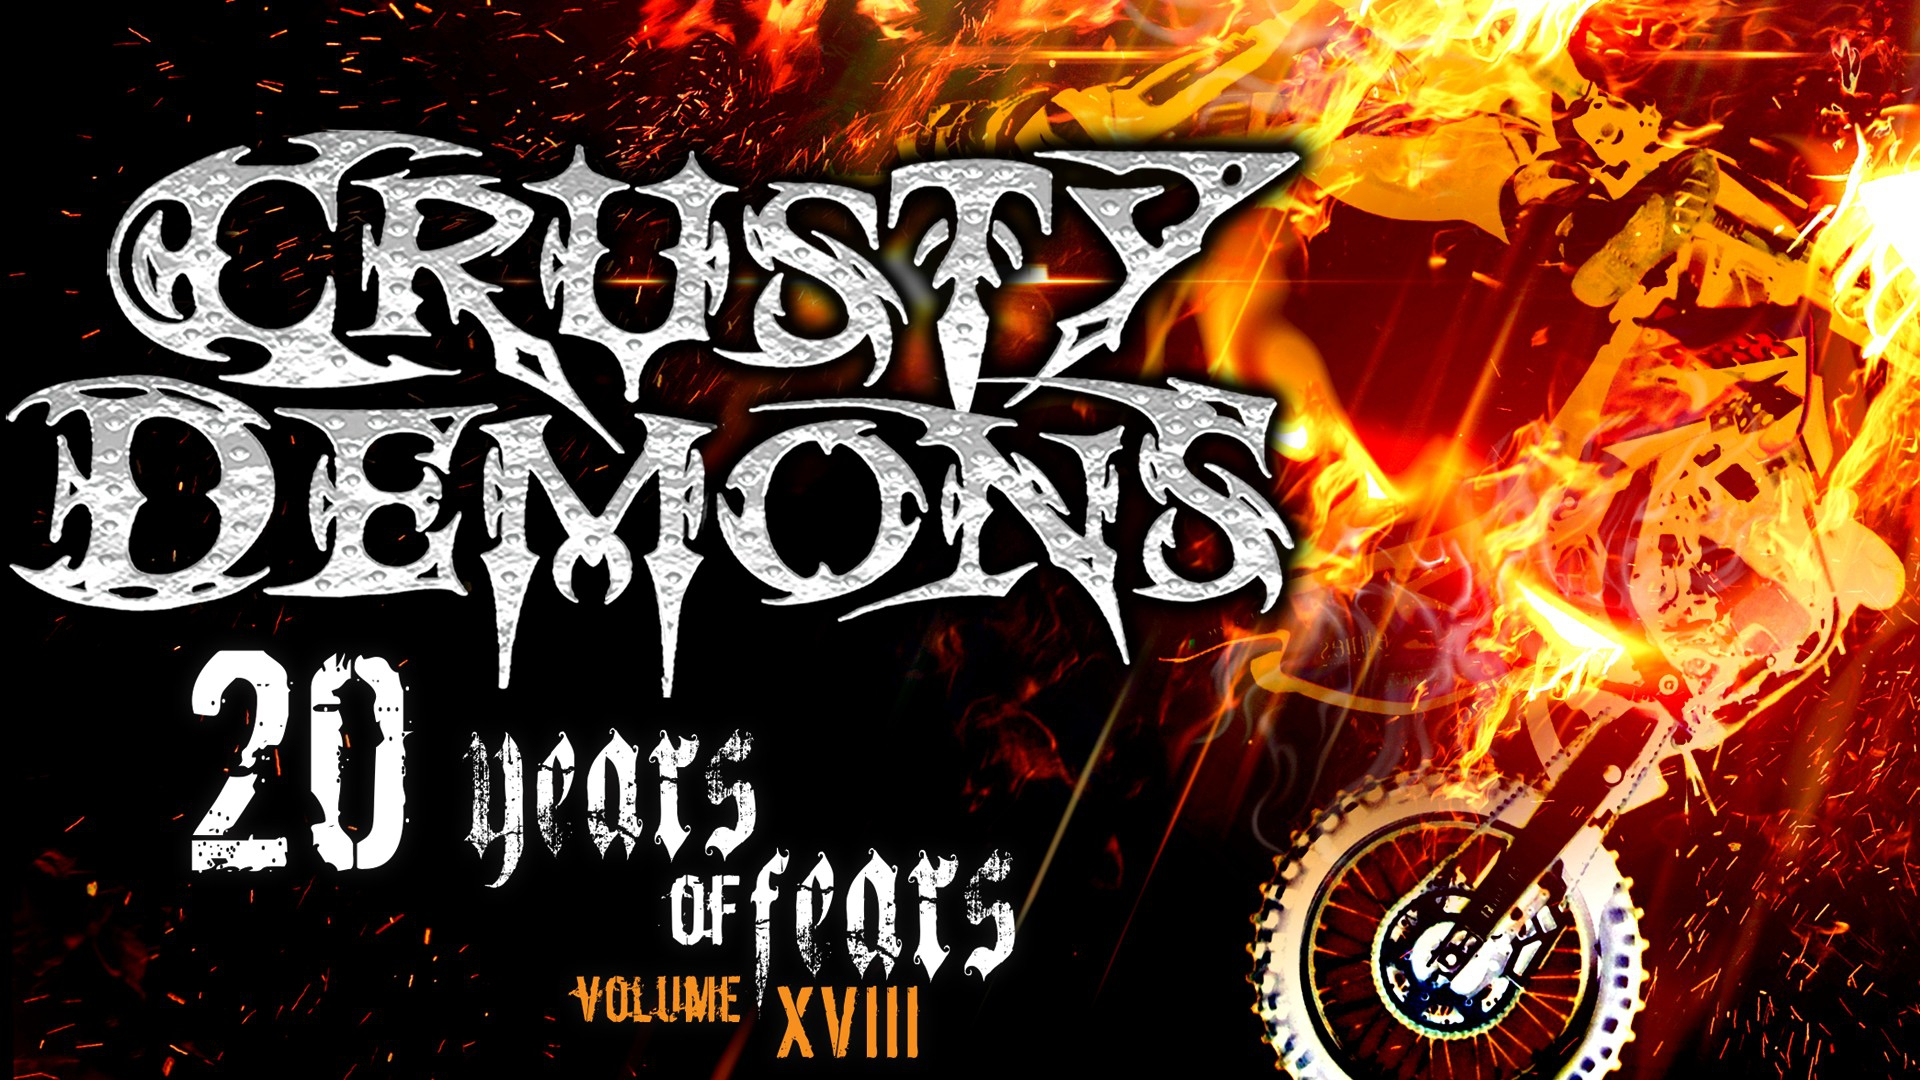 Watch Crusty Demons 18 Twenty Years Of Fears 2015 Online For Free The Roku Channel Roku